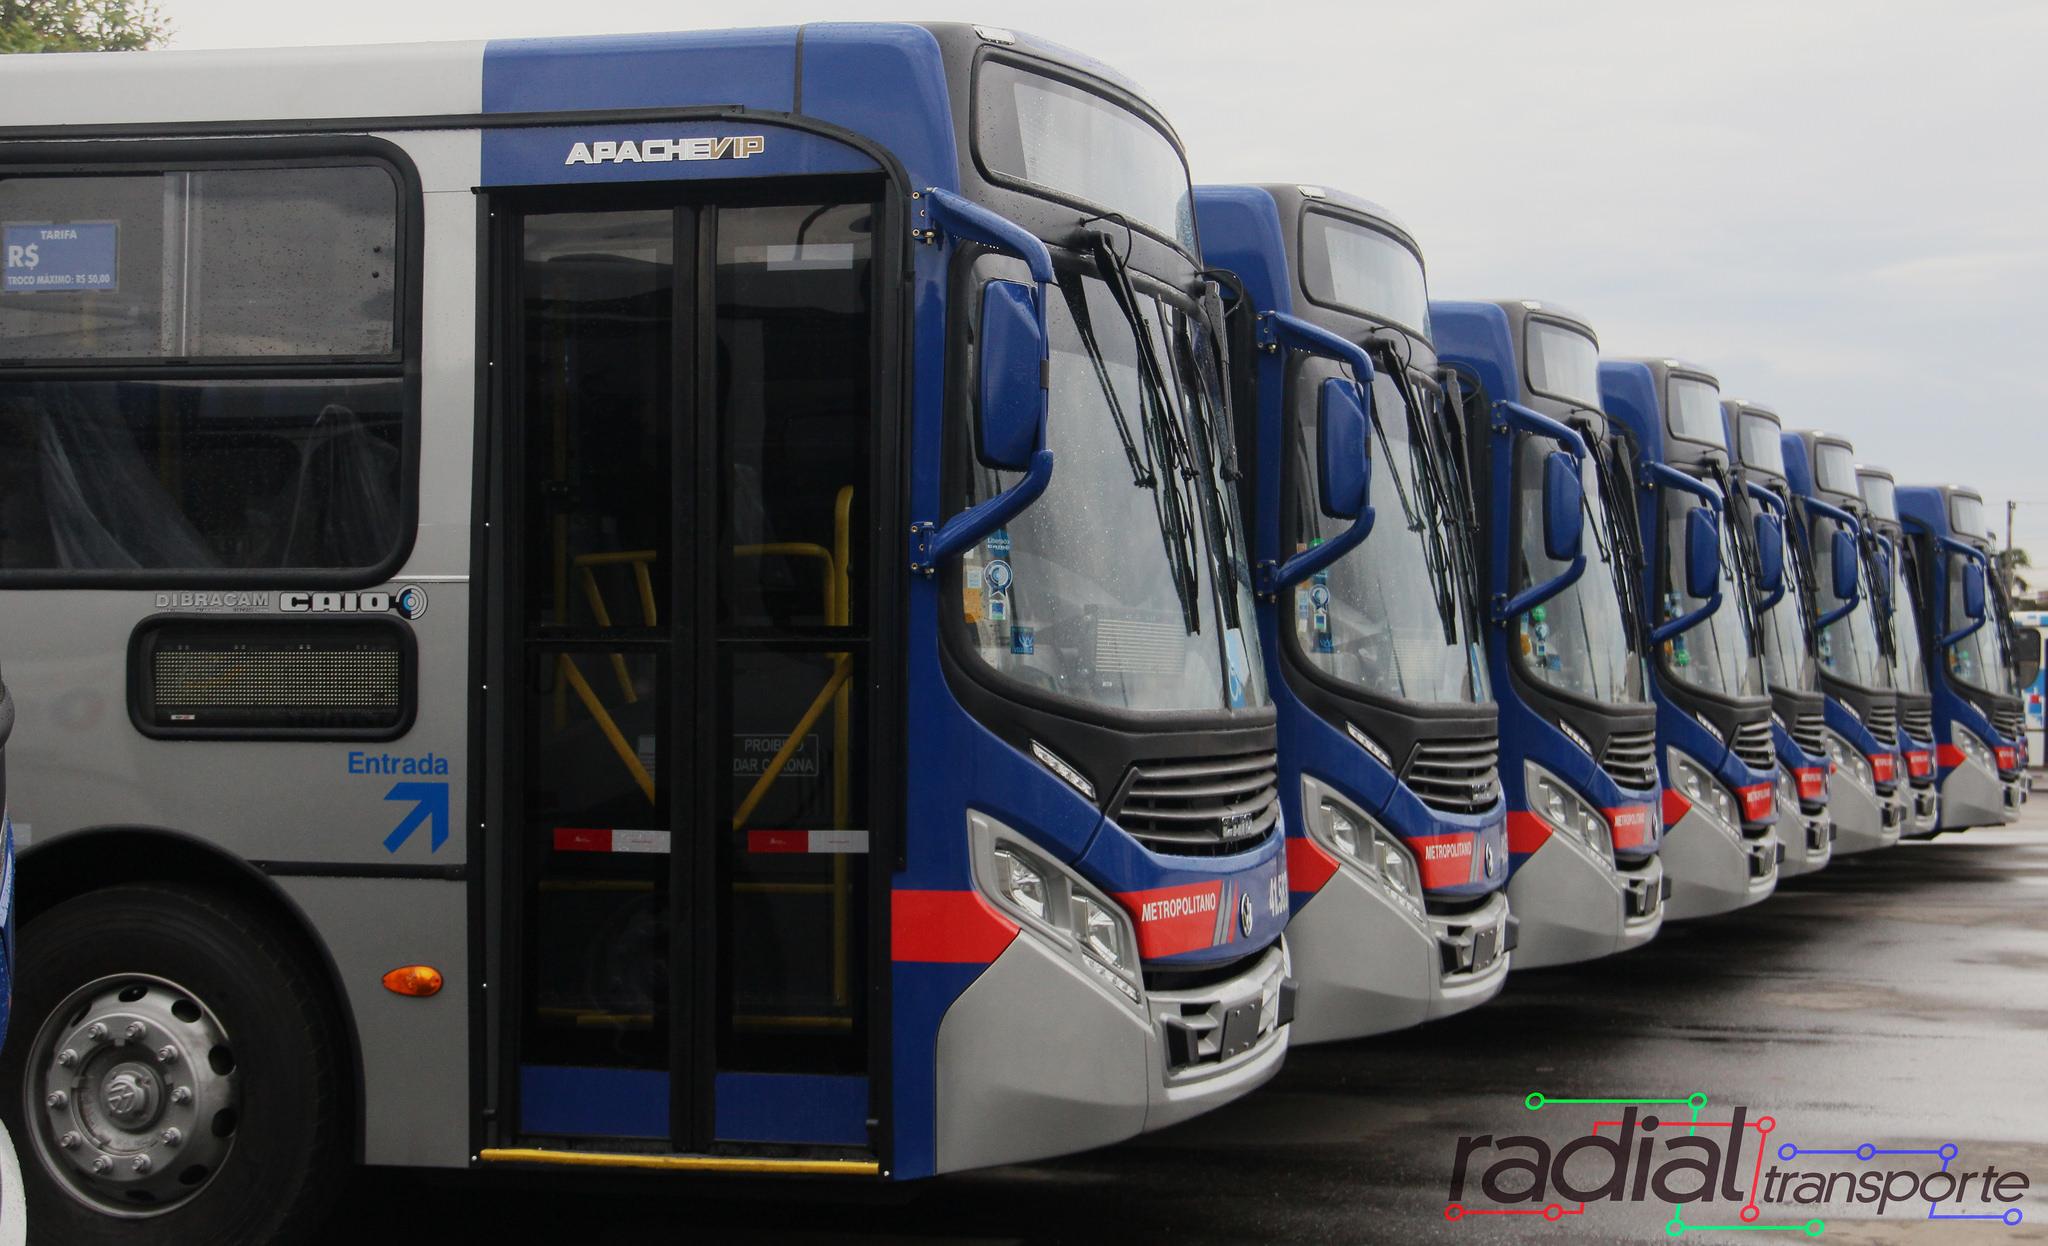 radial transporte alto tietê